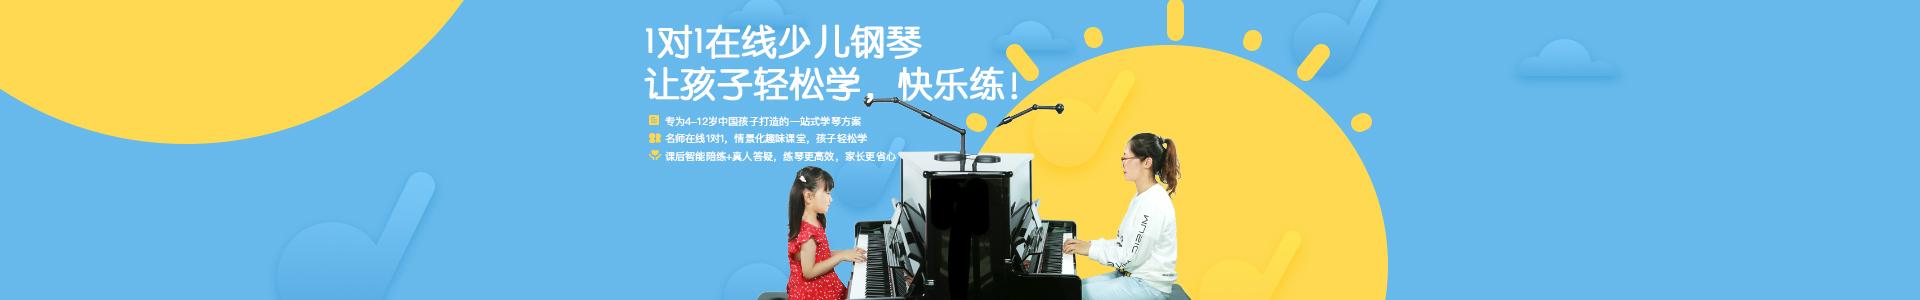 音樂蜂巢在線少兒鋼琴培訓